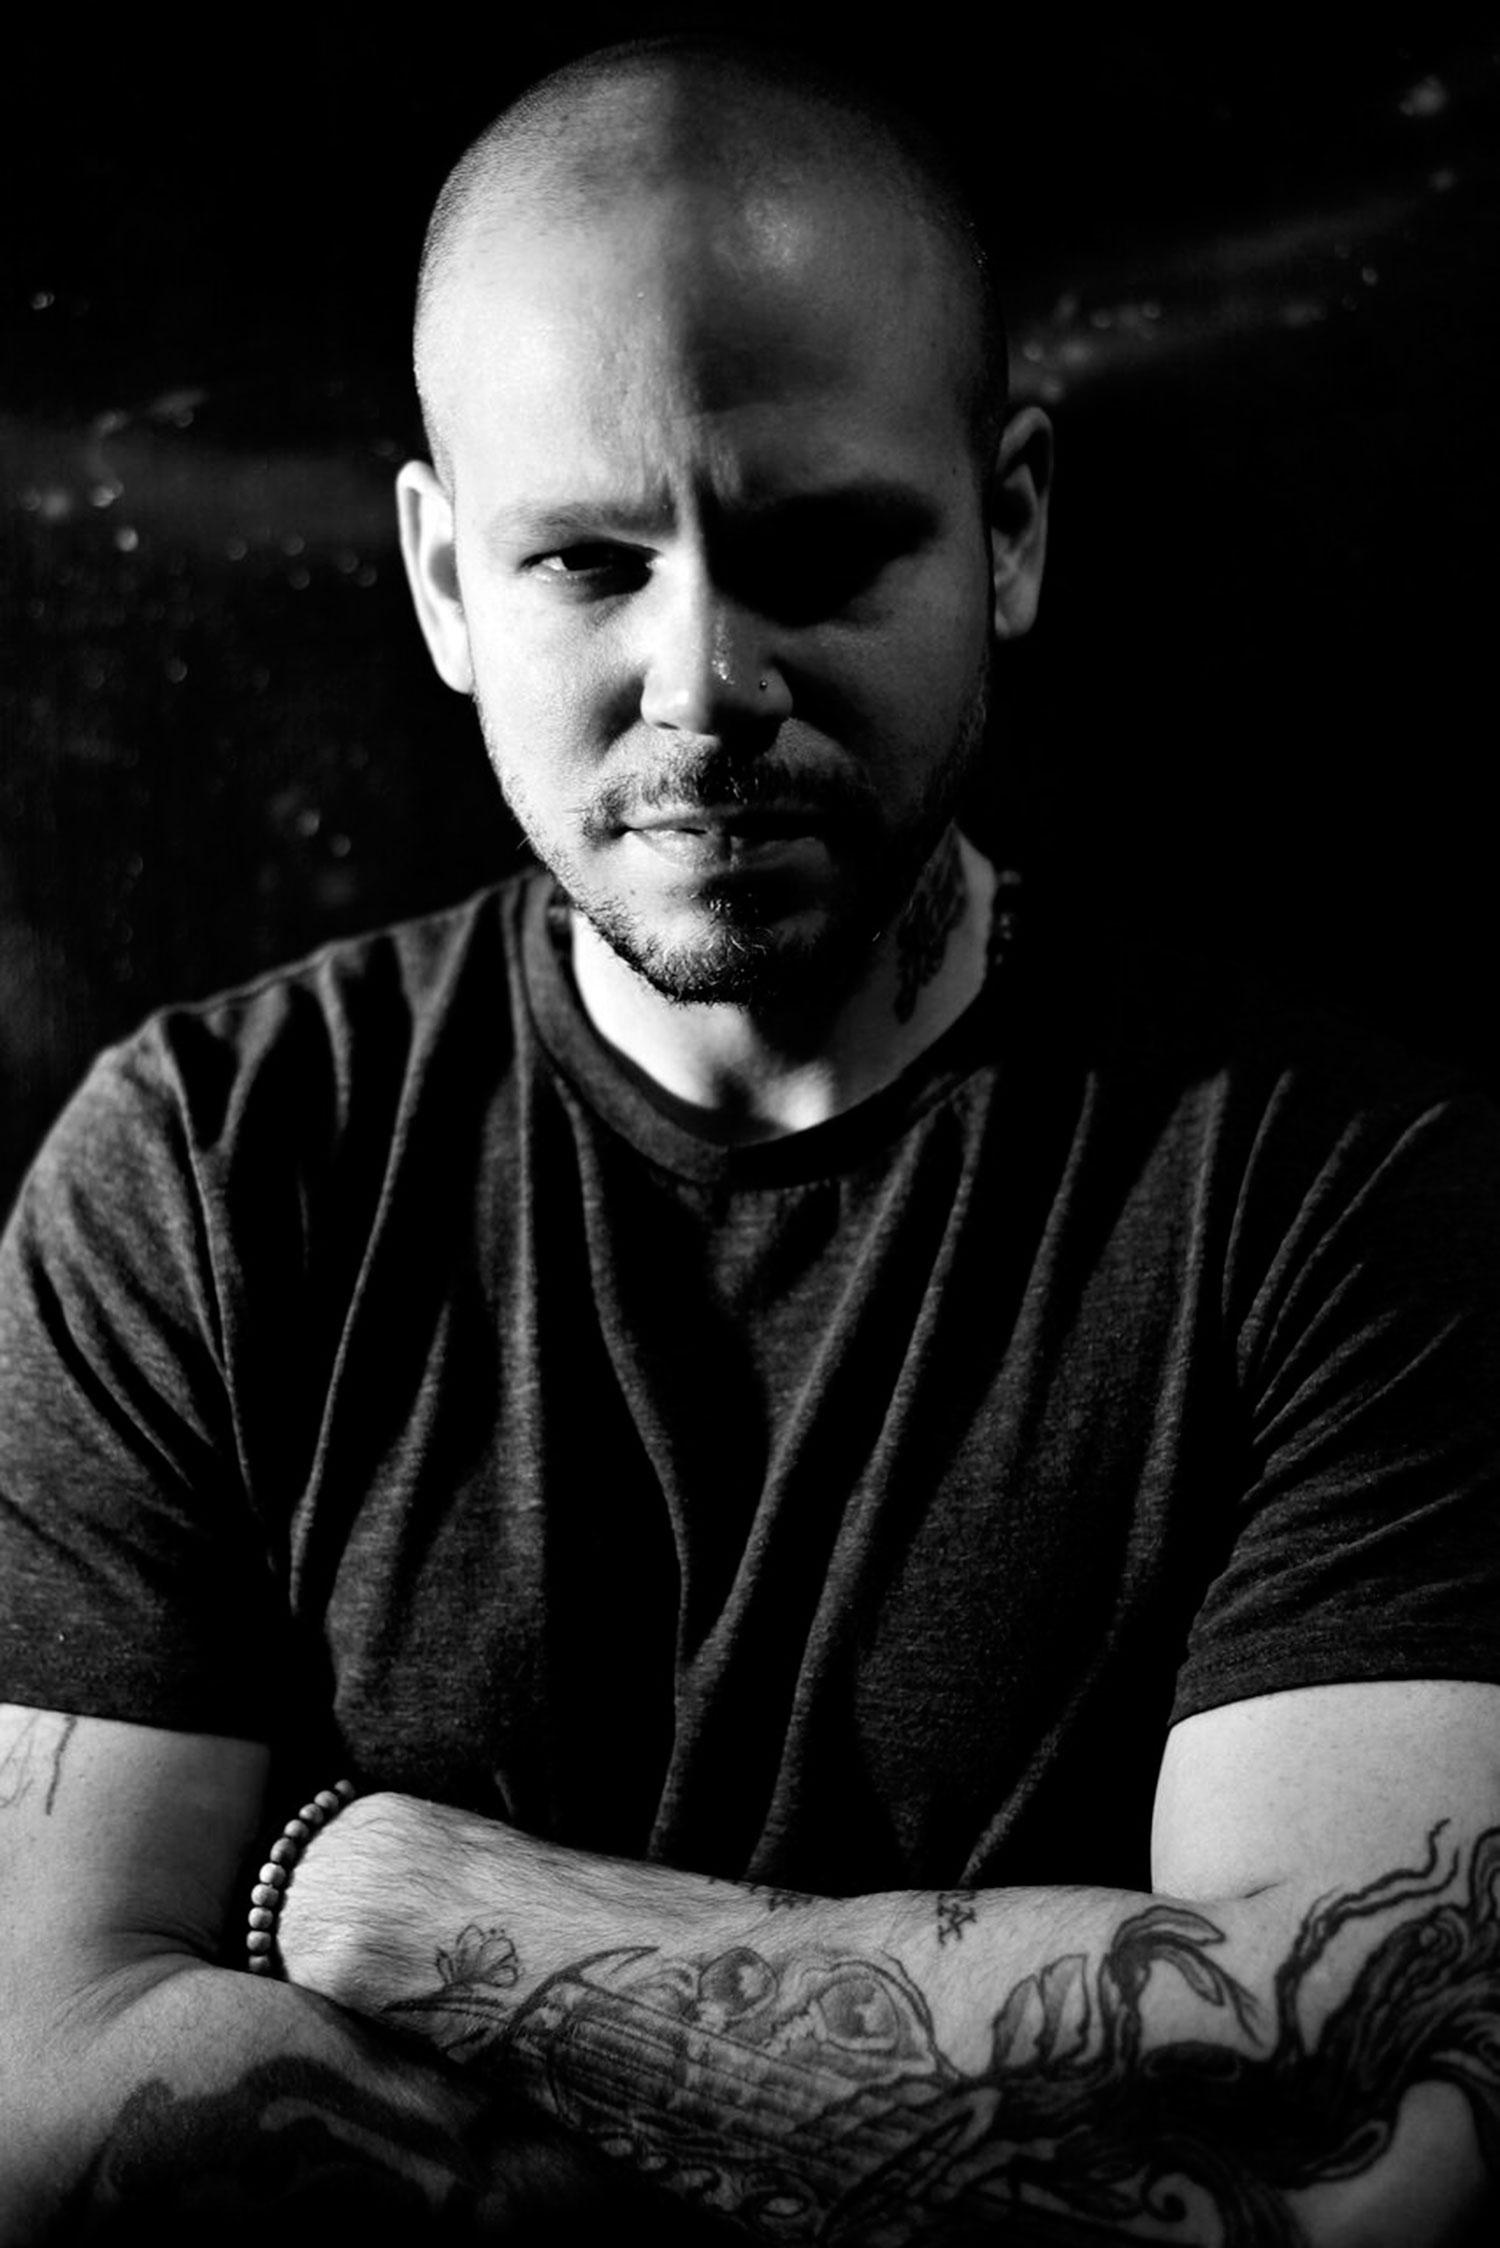 Imagen de Residente músico del género Urbano activo en Los 2000s